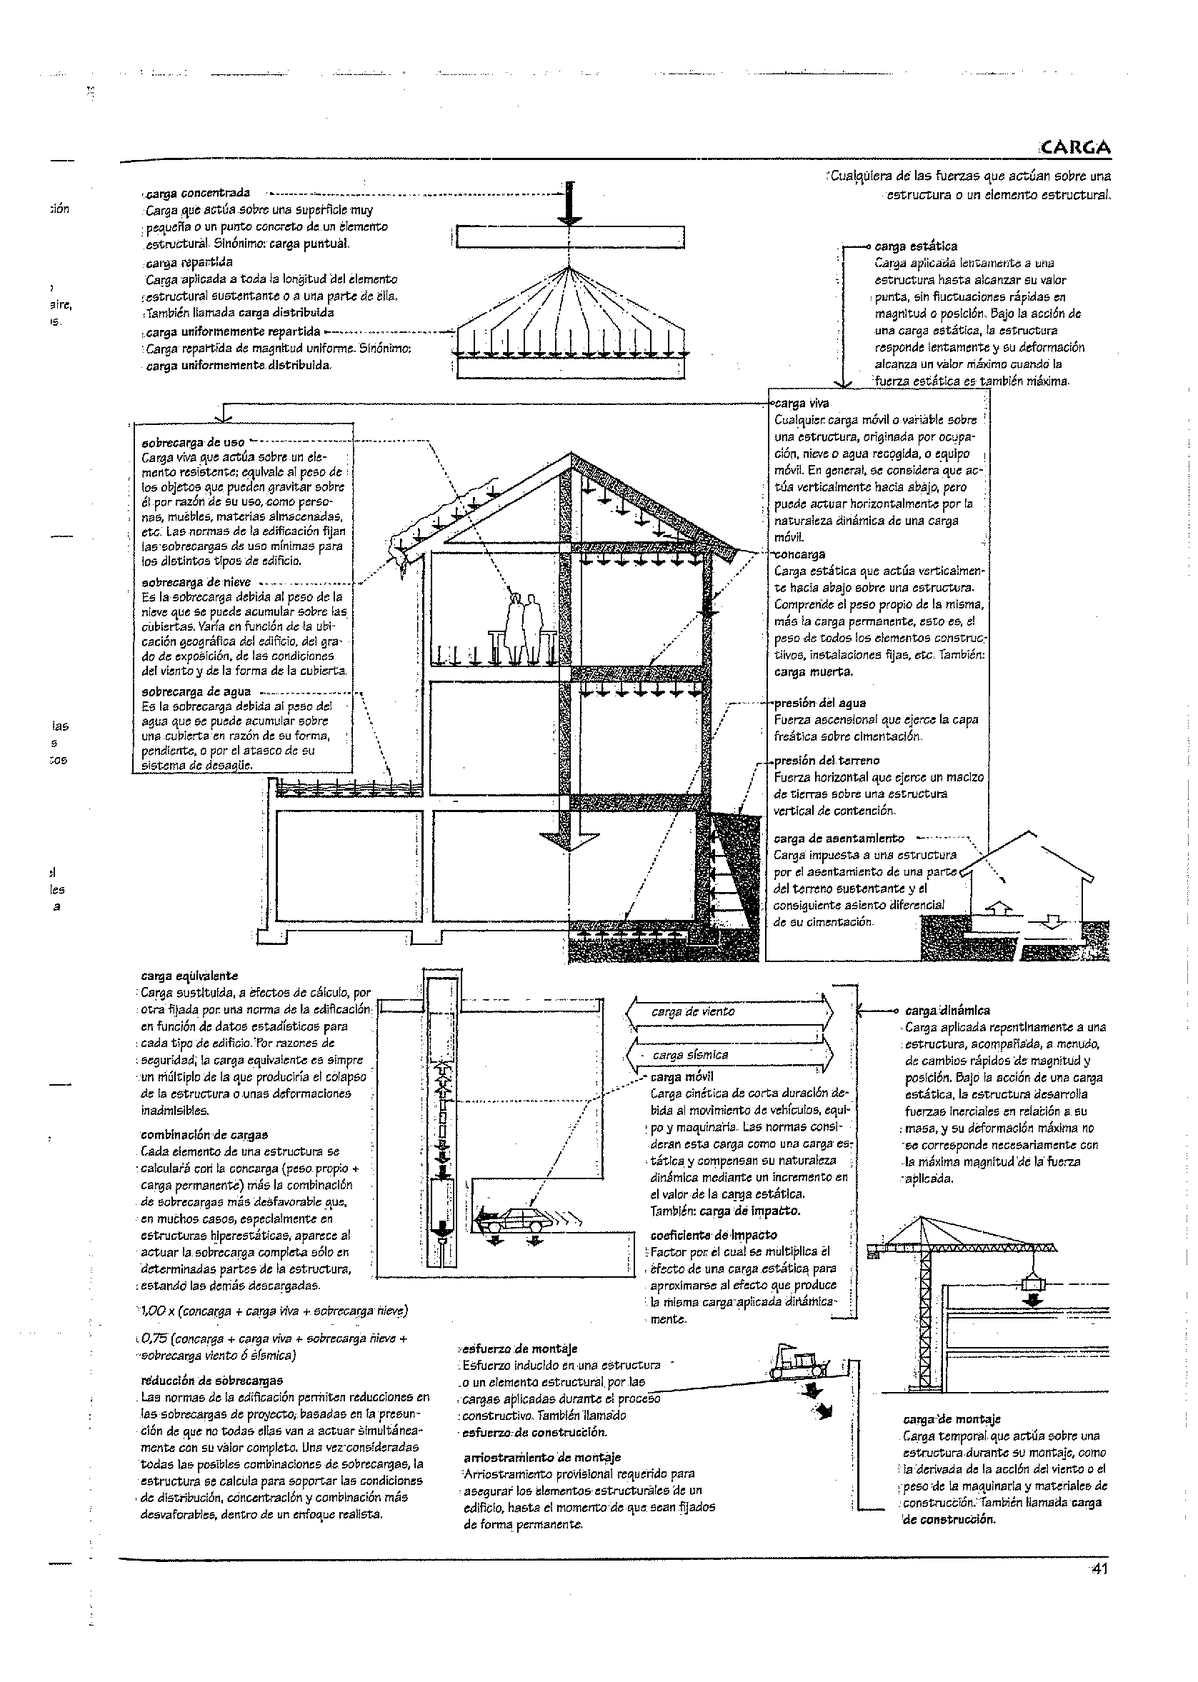 Free download diccionario de arquitectura mesoamericana for Diccionario de arquitectura pdf